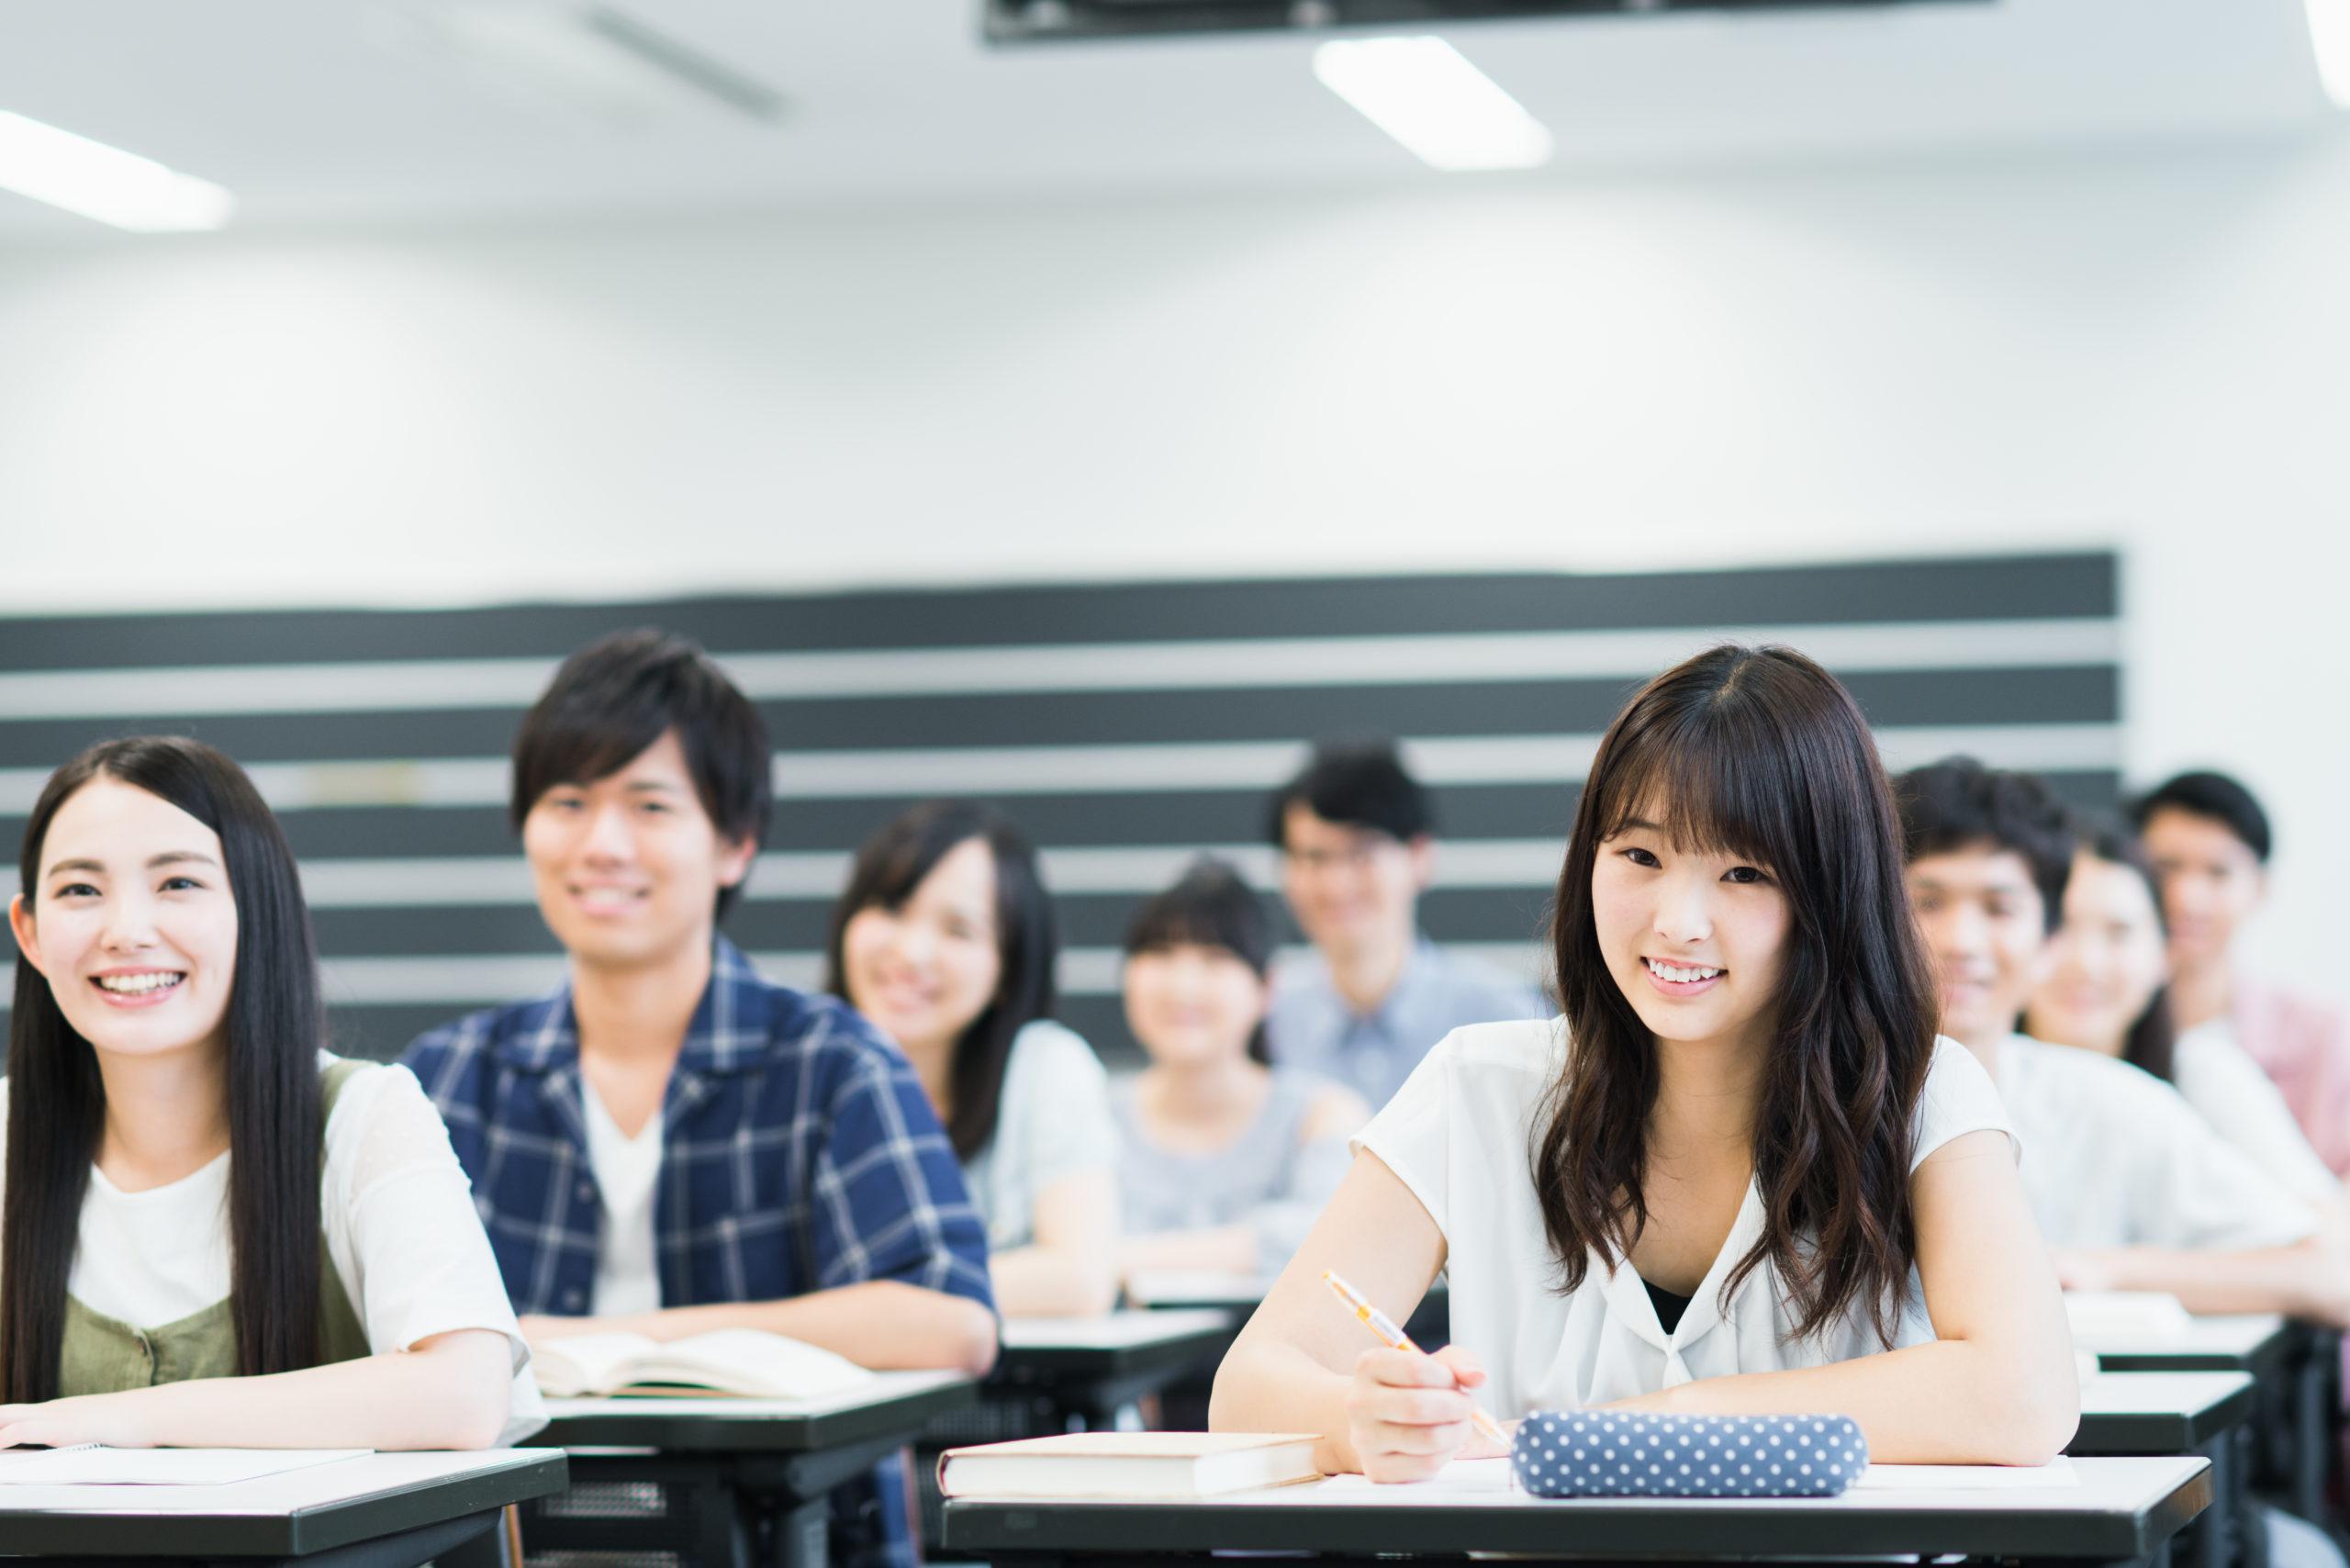 大阪・京都予備校・ミリカ予備校浪人生の部・ホーム1